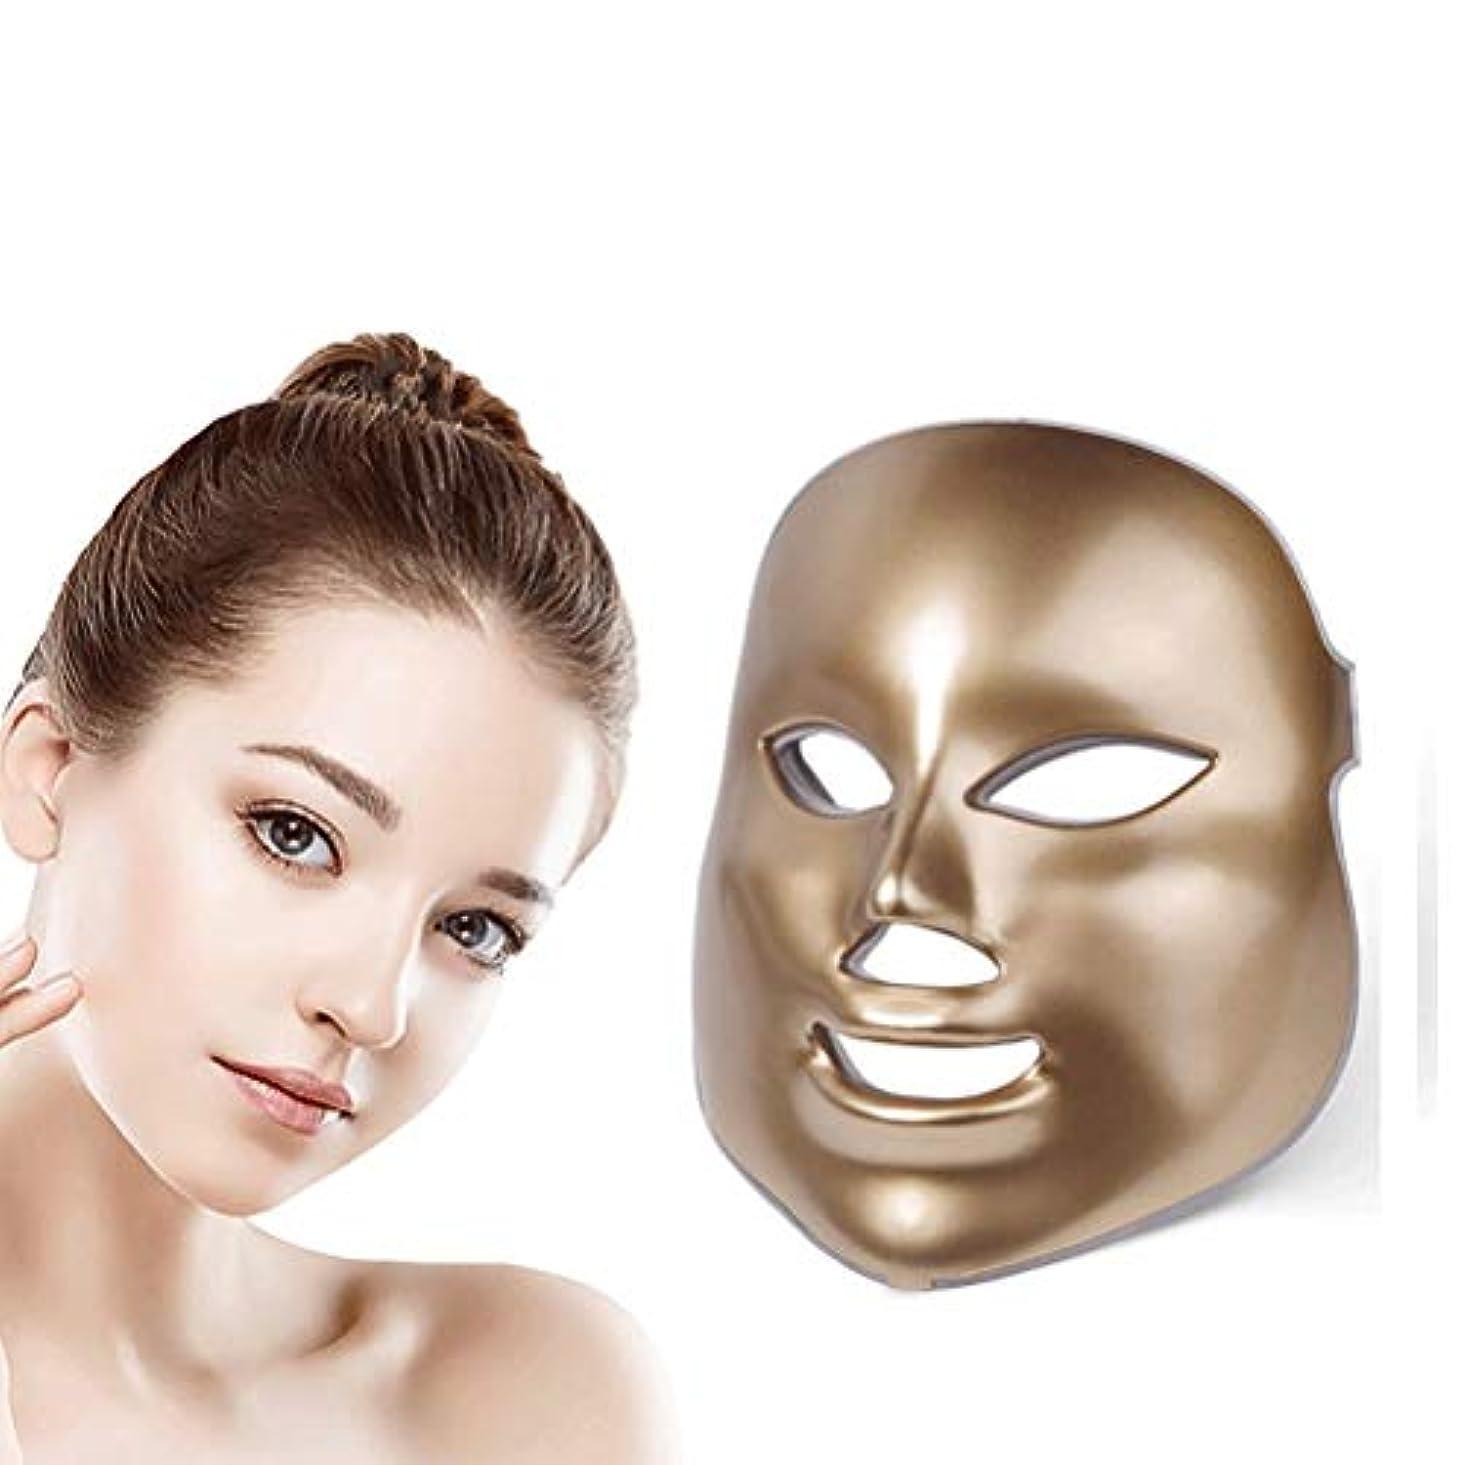 ブリーフケース謙虚西美容ライトセラピーフェイスマスク、LEDフォトンセラピー7色の光処理スキンフェイシャル?ビューティサロンPDT技術にきび削減リンクル肌の若返りのために